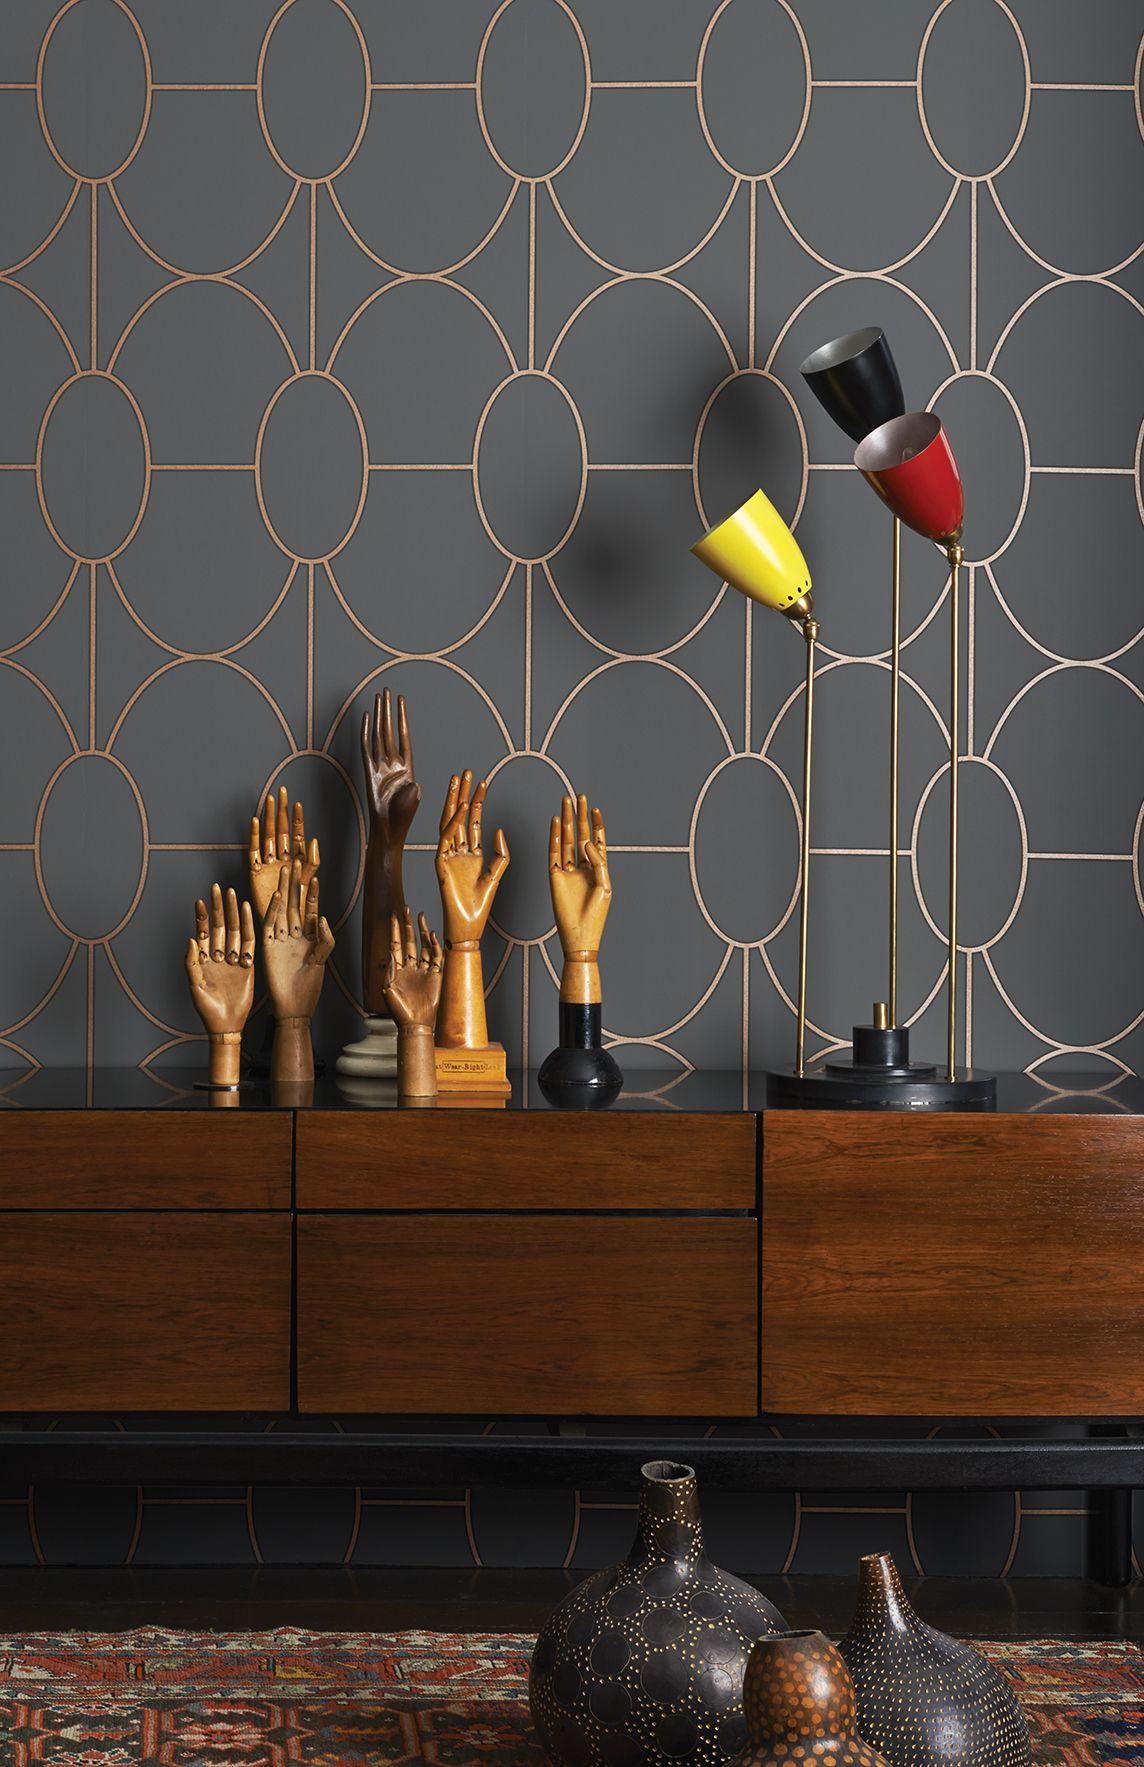 nouveau papier peint cole and son un motif g om trique et art d co la fois interior design. Black Bedroom Furniture Sets. Home Design Ideas